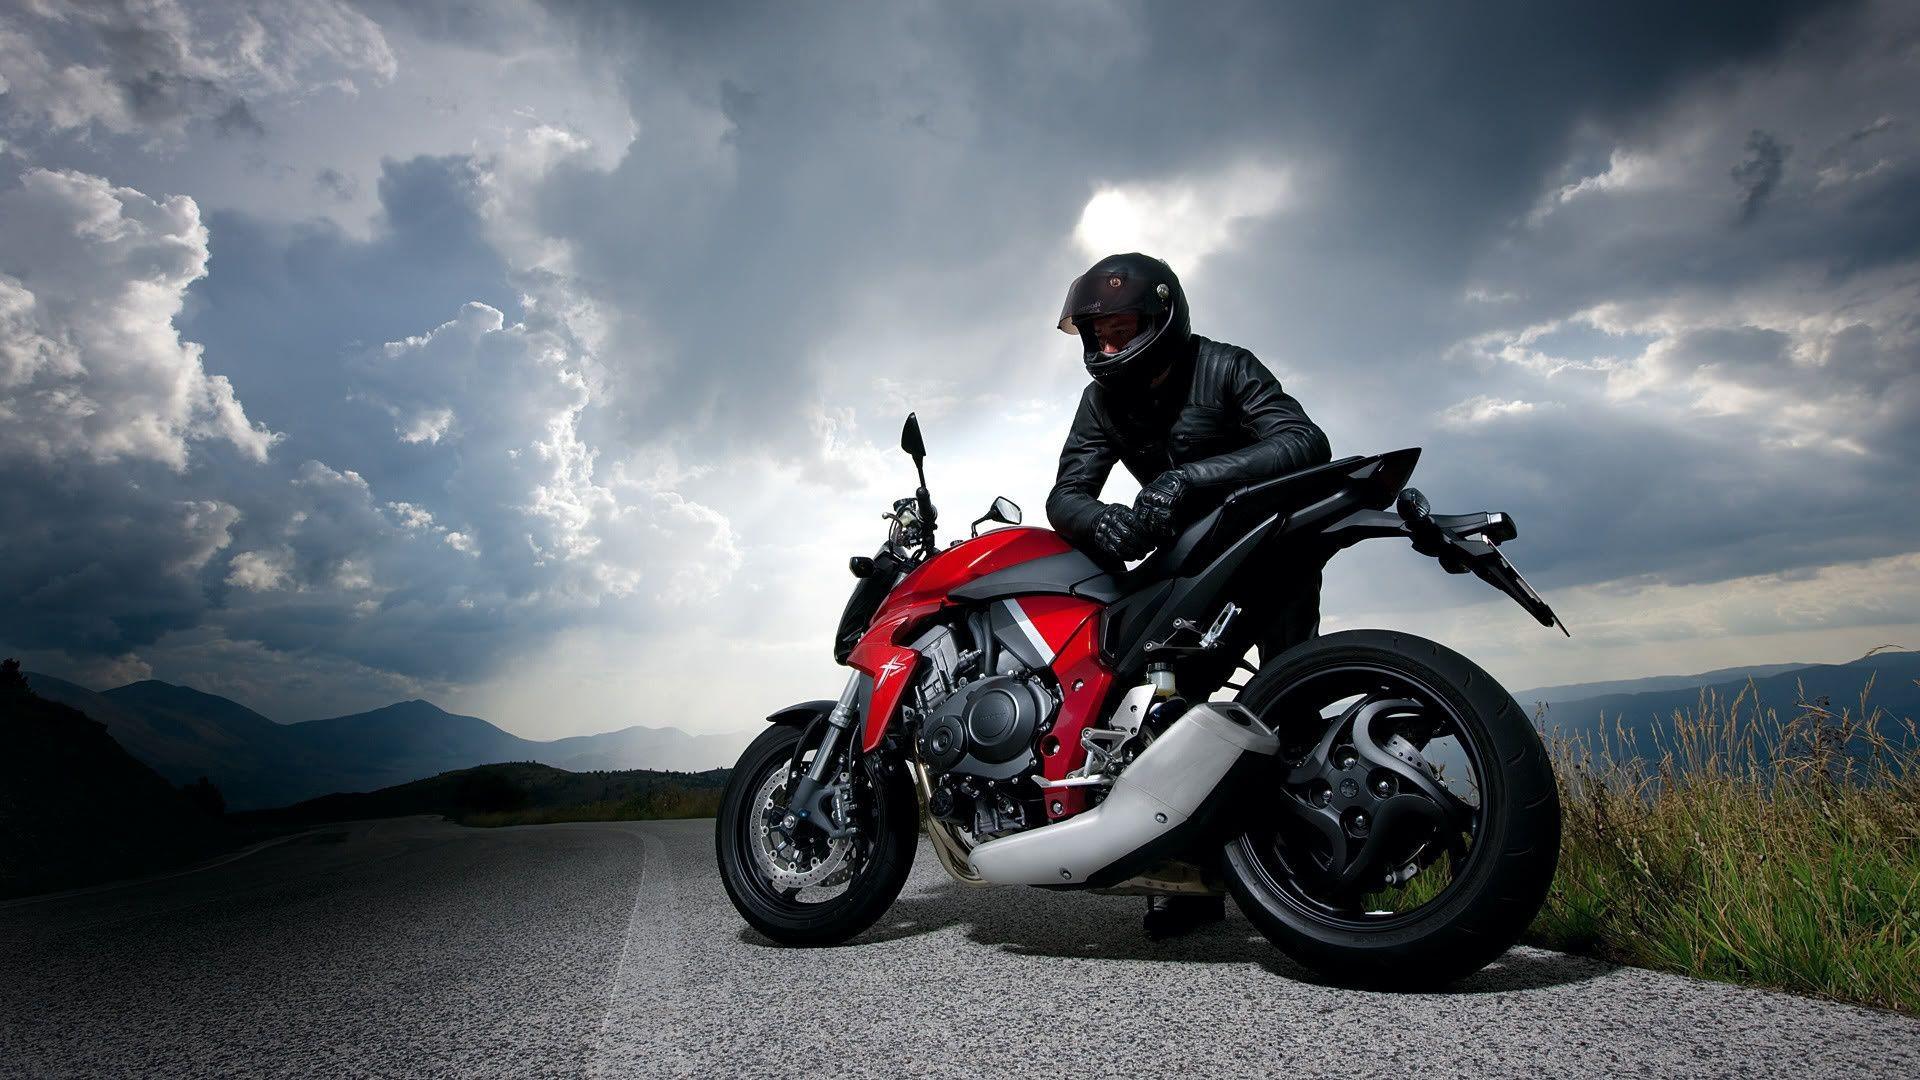 мотоцикл асфальт в хорошем качестве